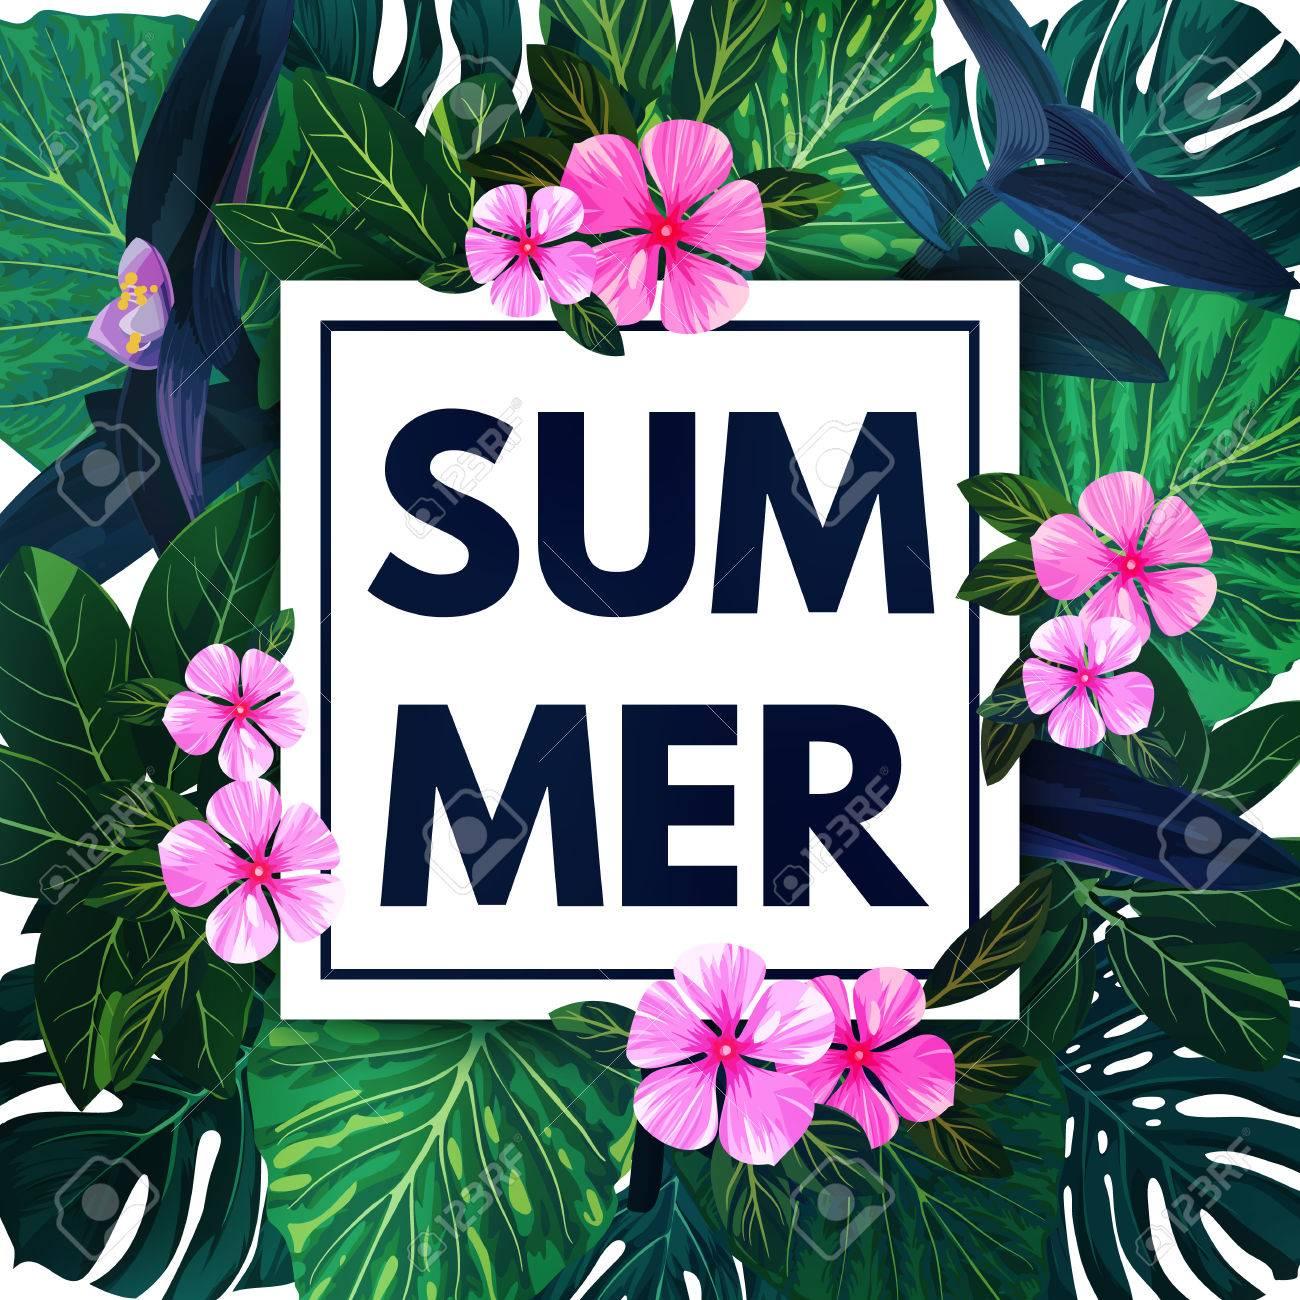 Verano Fondo Hawaiano Con Hojas De Palma Exotica Y Flores De Color